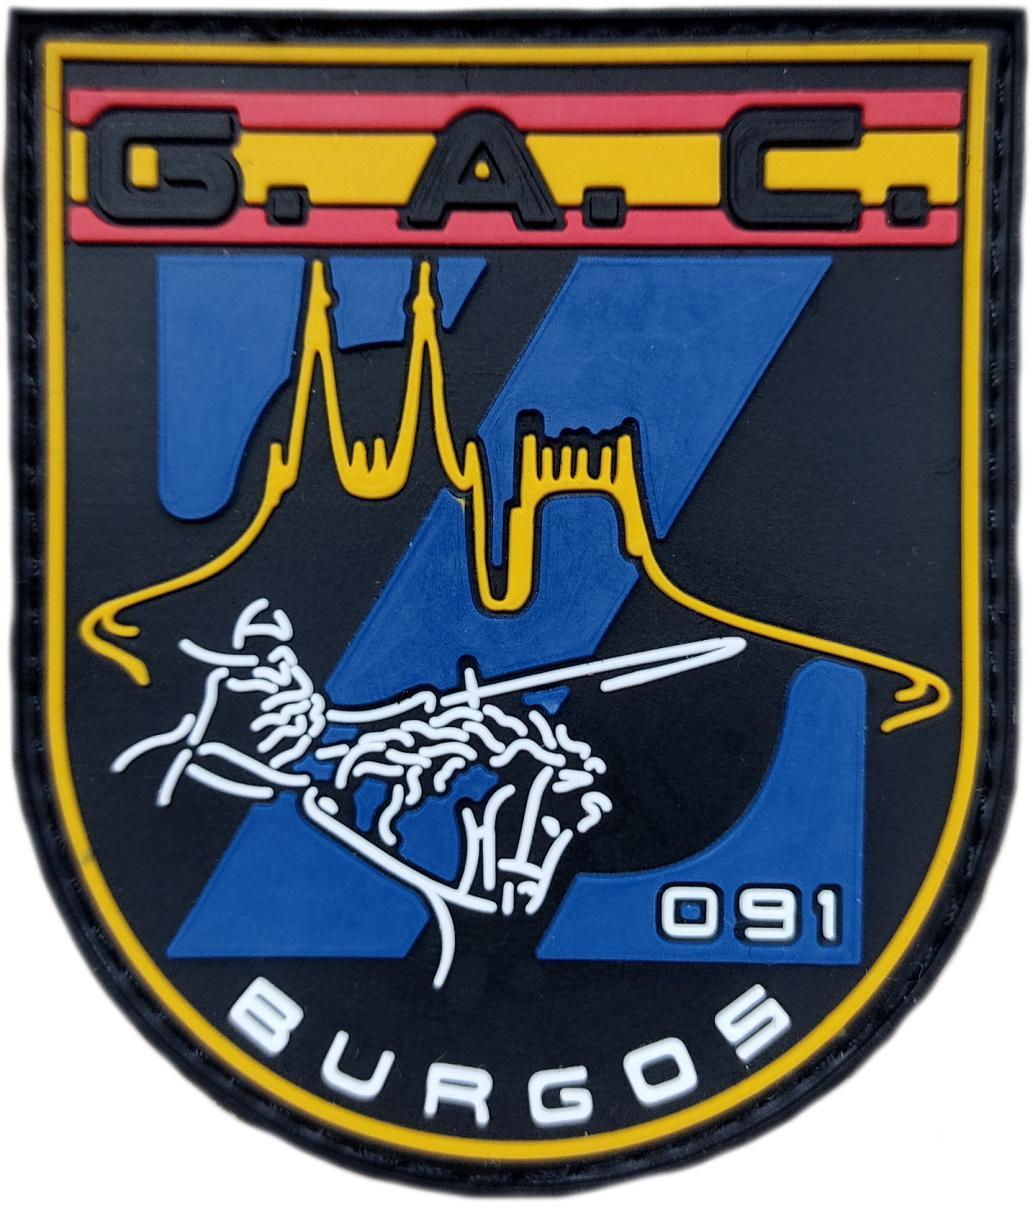 Policía Nacional CNP Grupo de Atención al Ciudadano GAC 091 Burgos Parche Insignia Emblema Distintivo